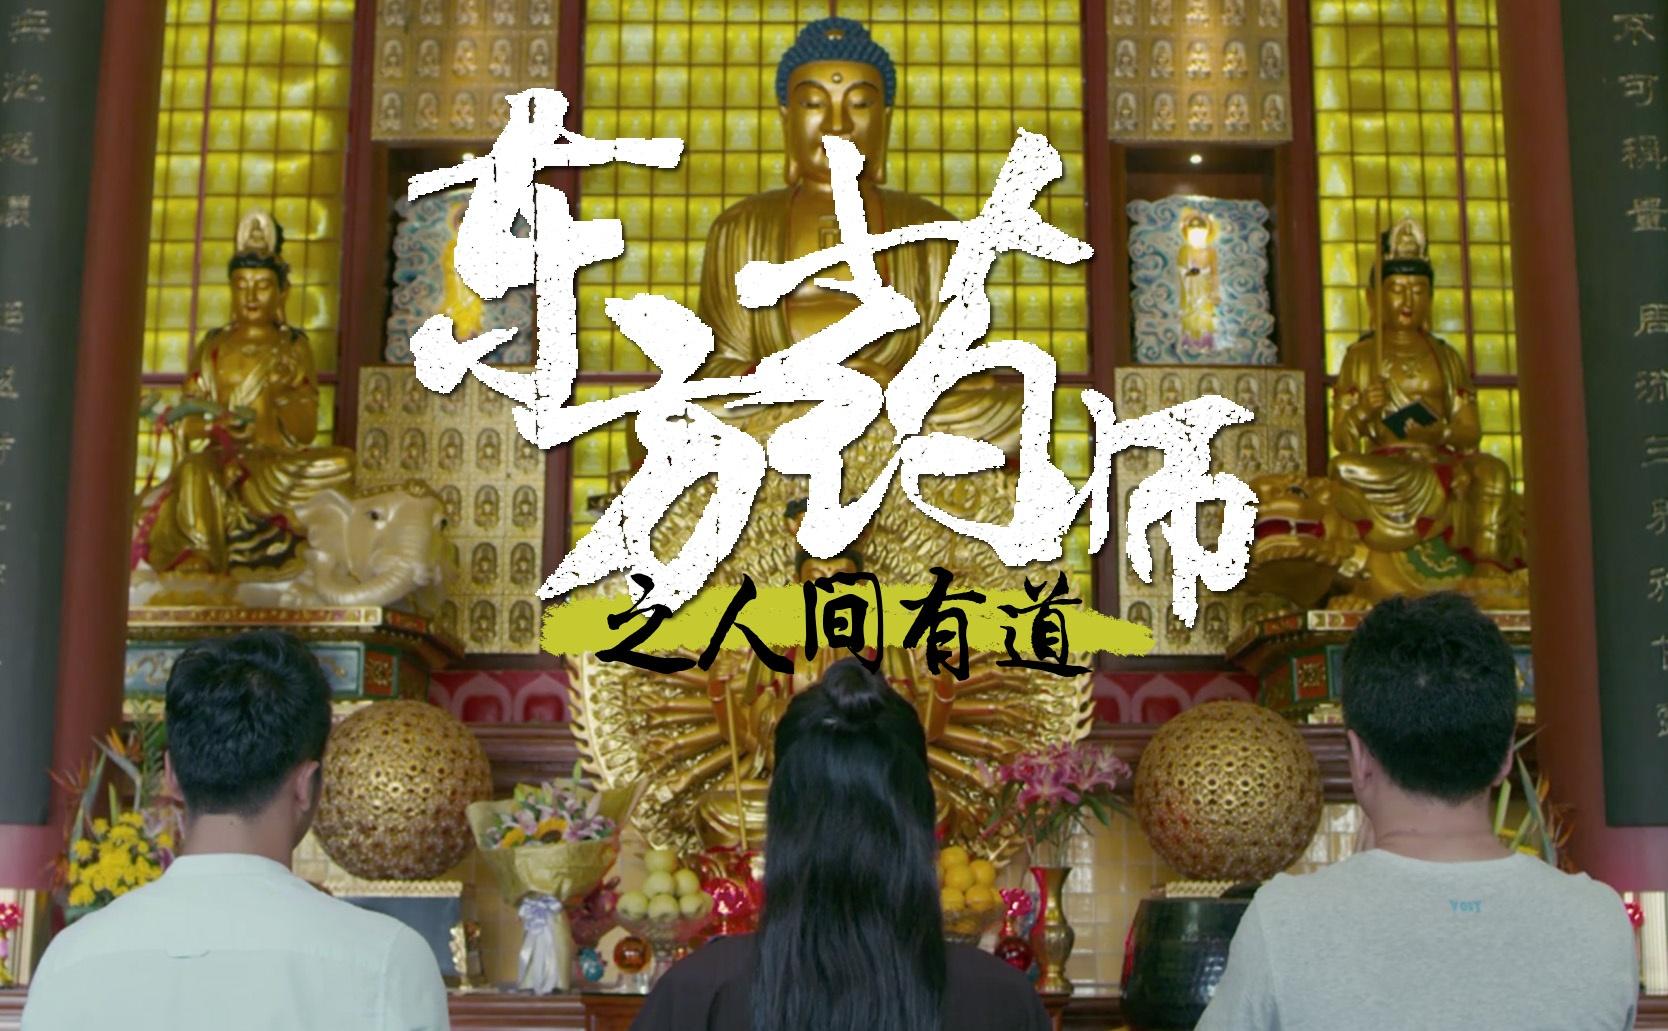 佛教系列《东方药师之人间有道》以反讽的喜剧手法警醒世人